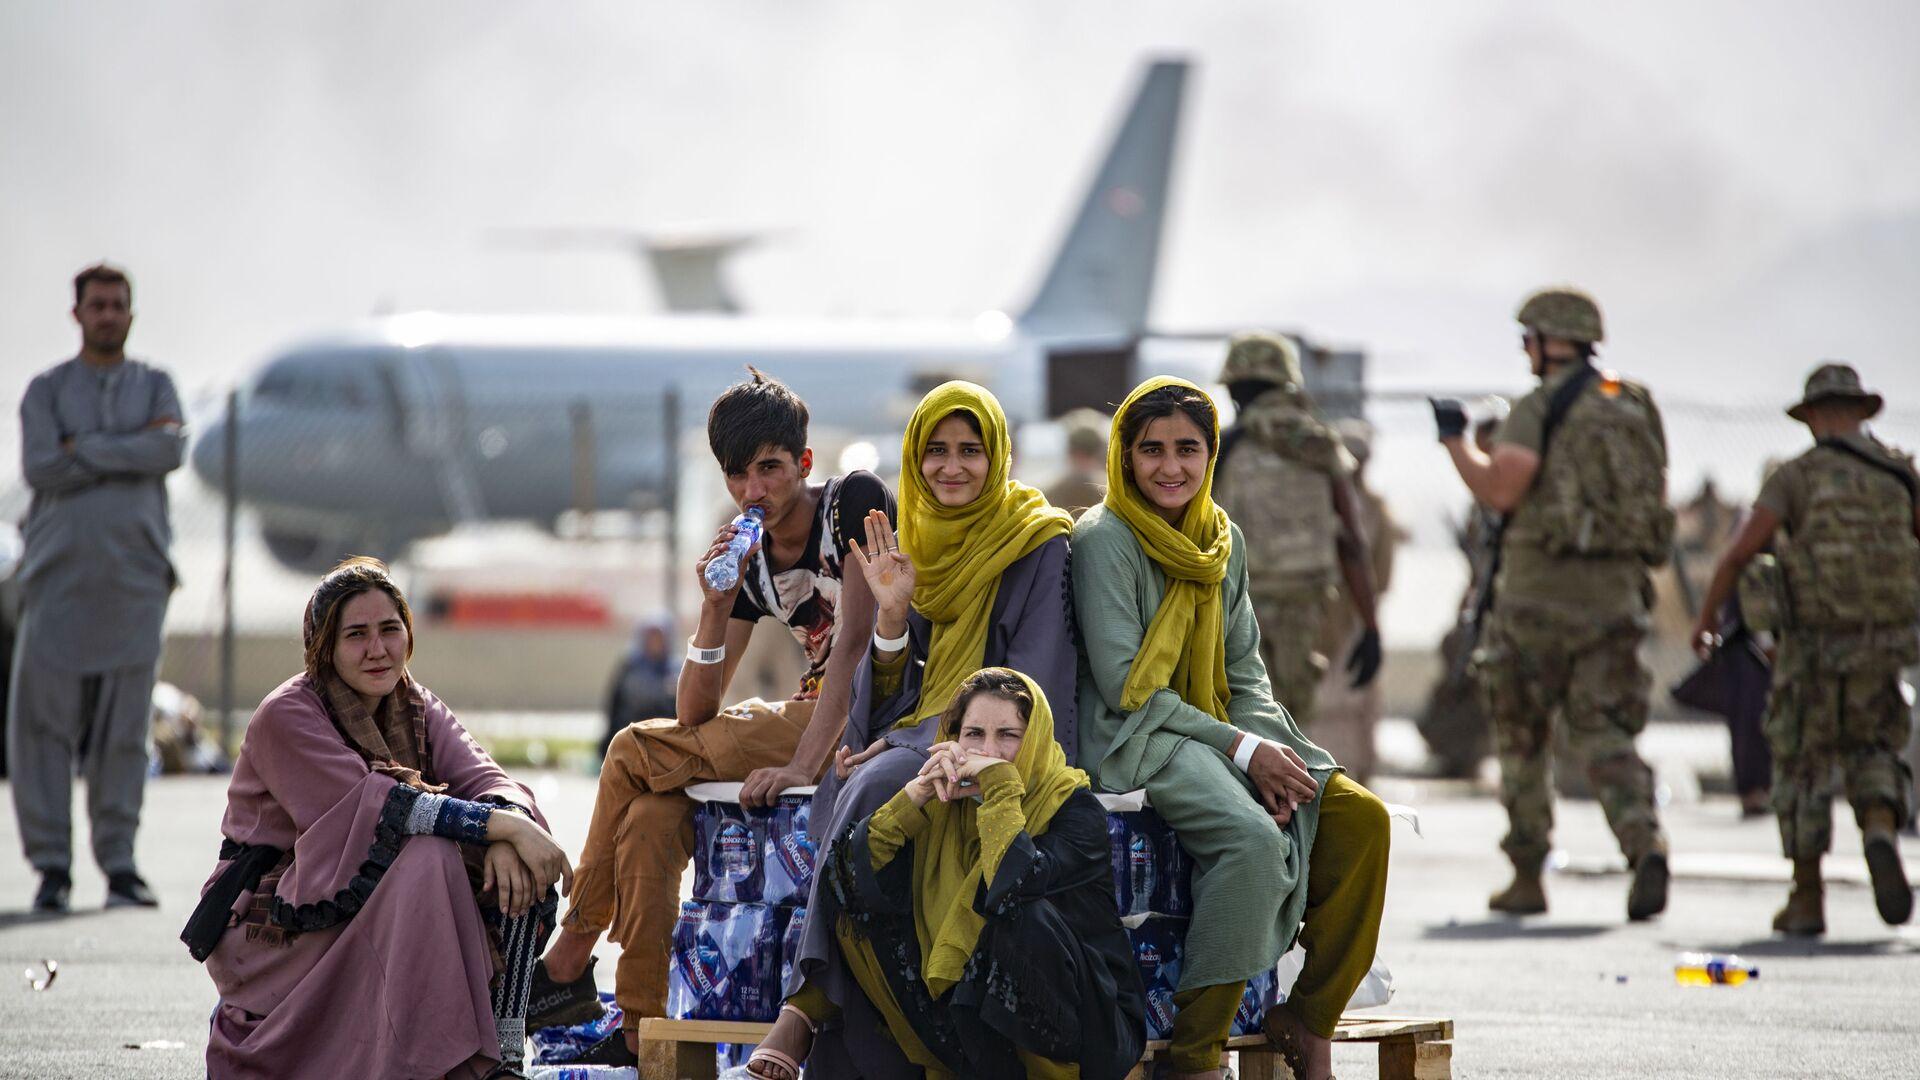 Женщины и дети в ожидании эвакуации в аэропорту Кабула  - Sputnik Латвия, 1920, 07.09.2021